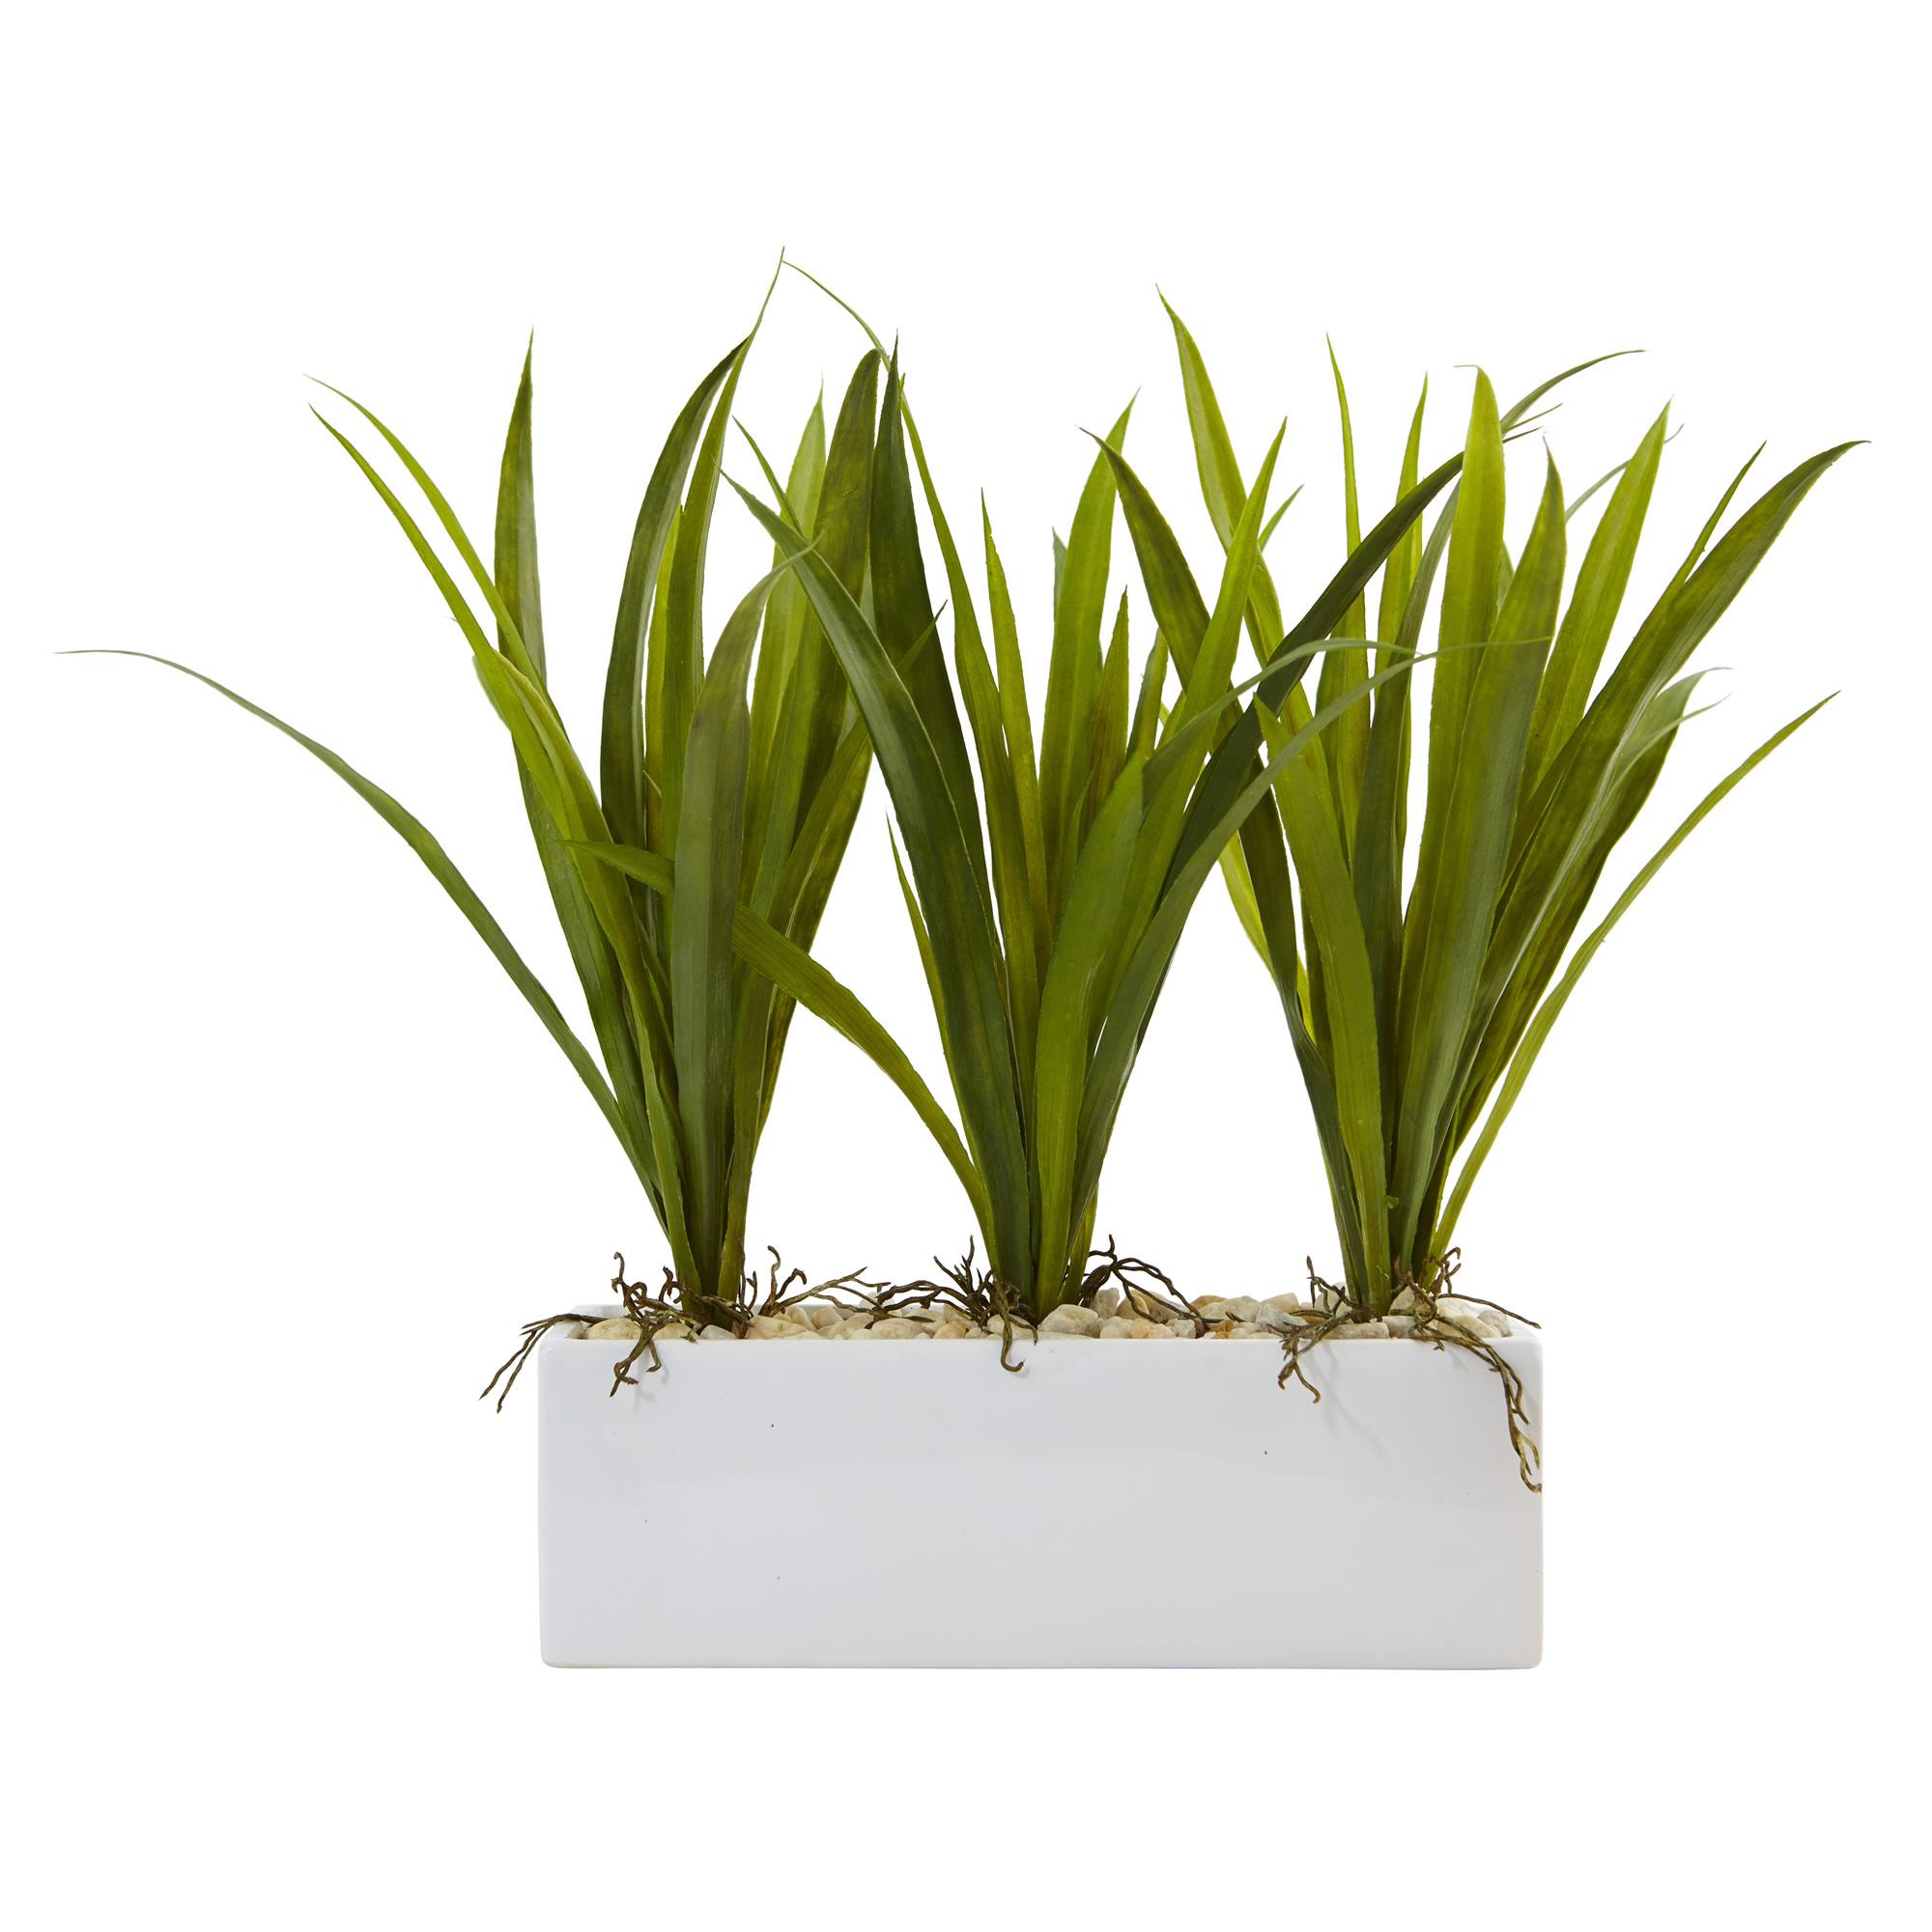 16 Quot Grass Artificial Plant W Rectangular Planter Green